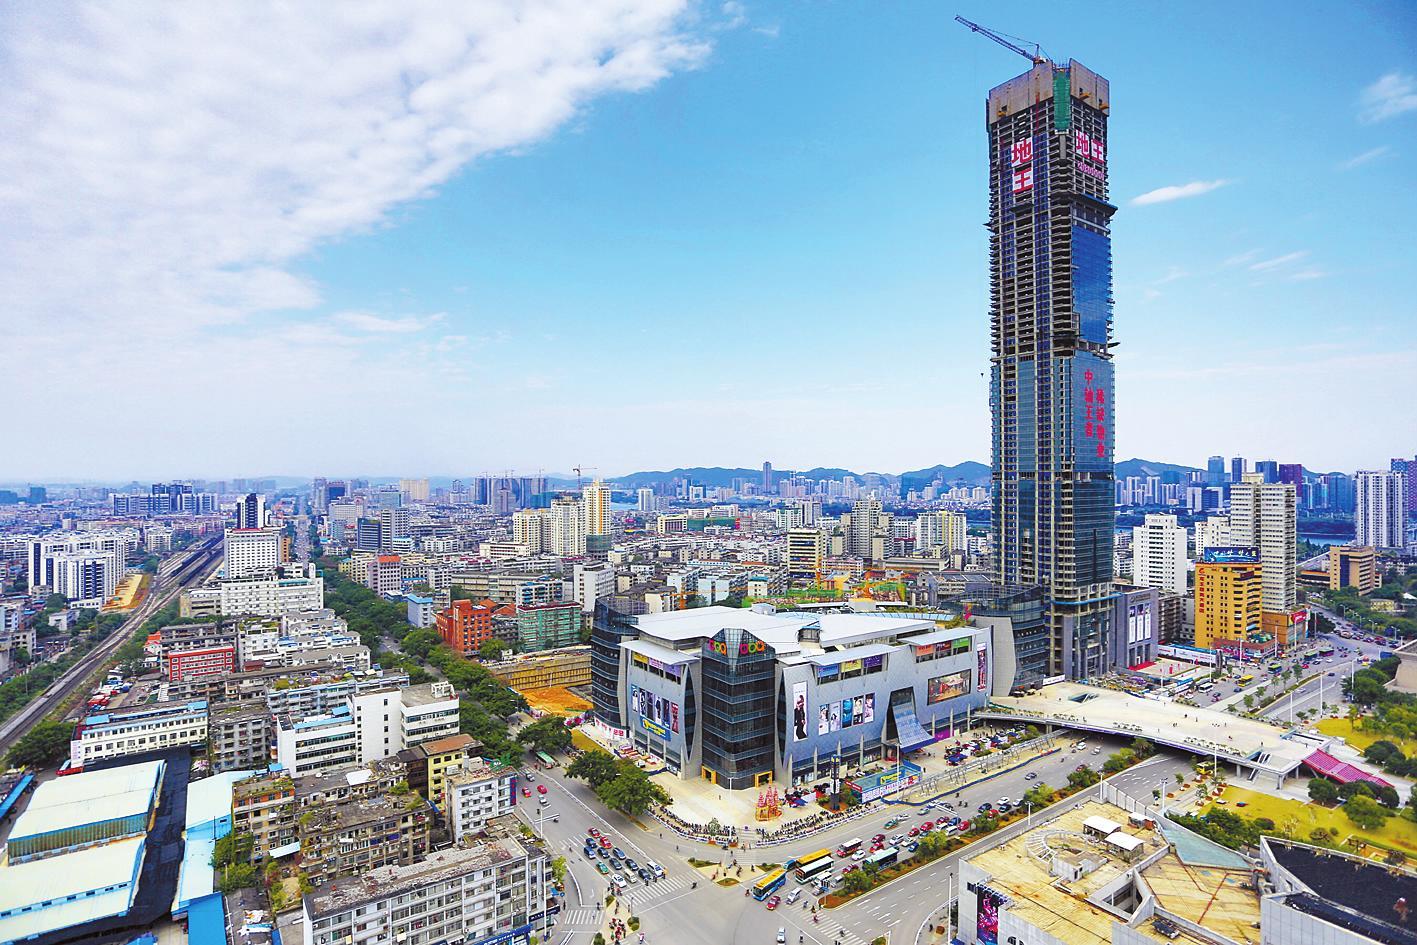 柳州303米地王主楼封顶 成广西第一高楼